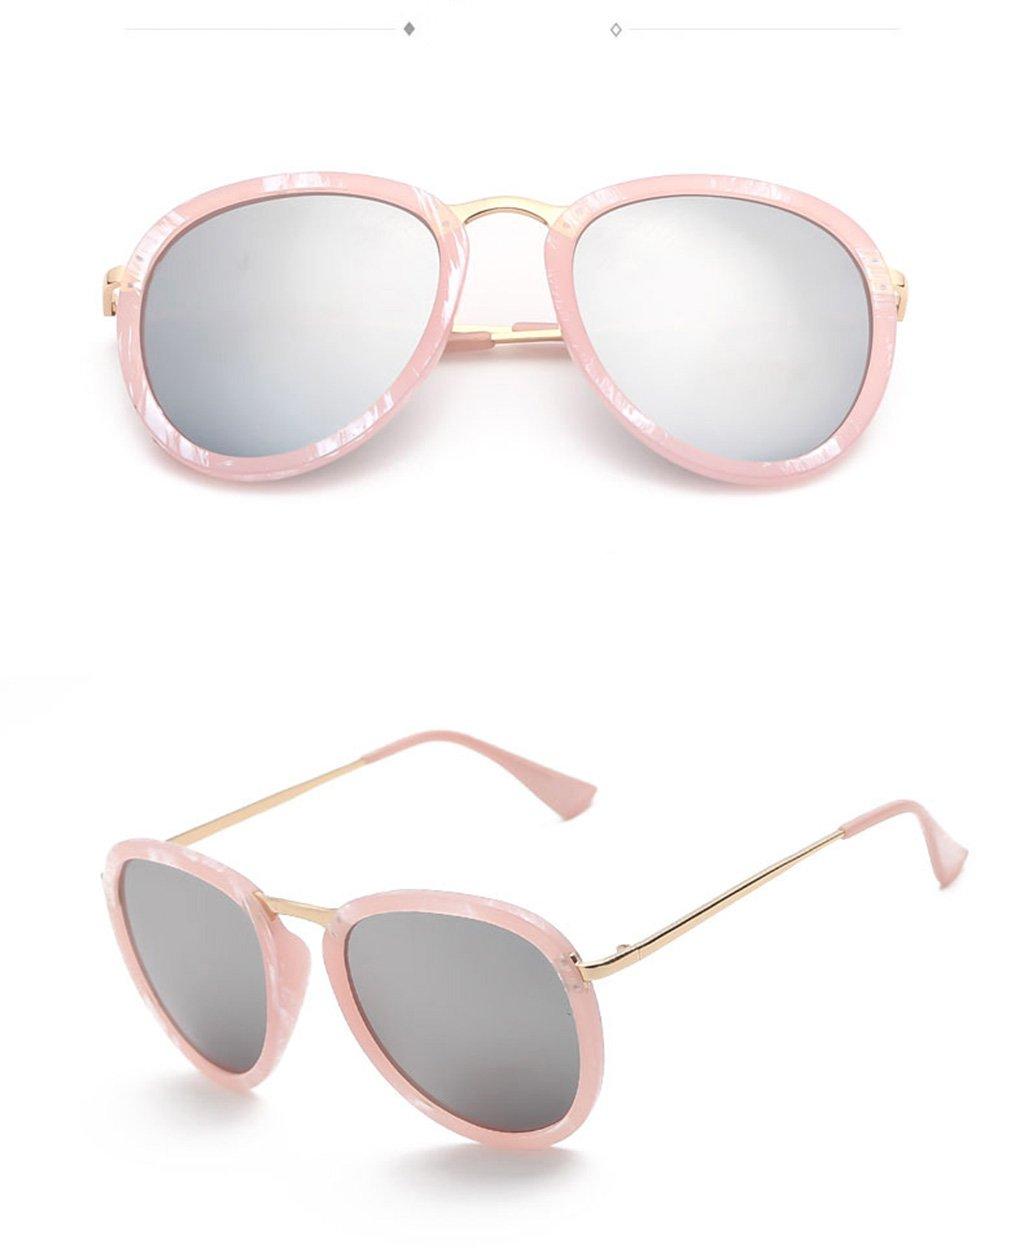 a675858de0 LYM &&Gafas de protecciónn Gafas de Sol de Moda Ronda Gafas de Sol  Elegantes Gafas de Sol Coreanas Gafas de Sol de protección UV -X54 (Color :  #4): ...